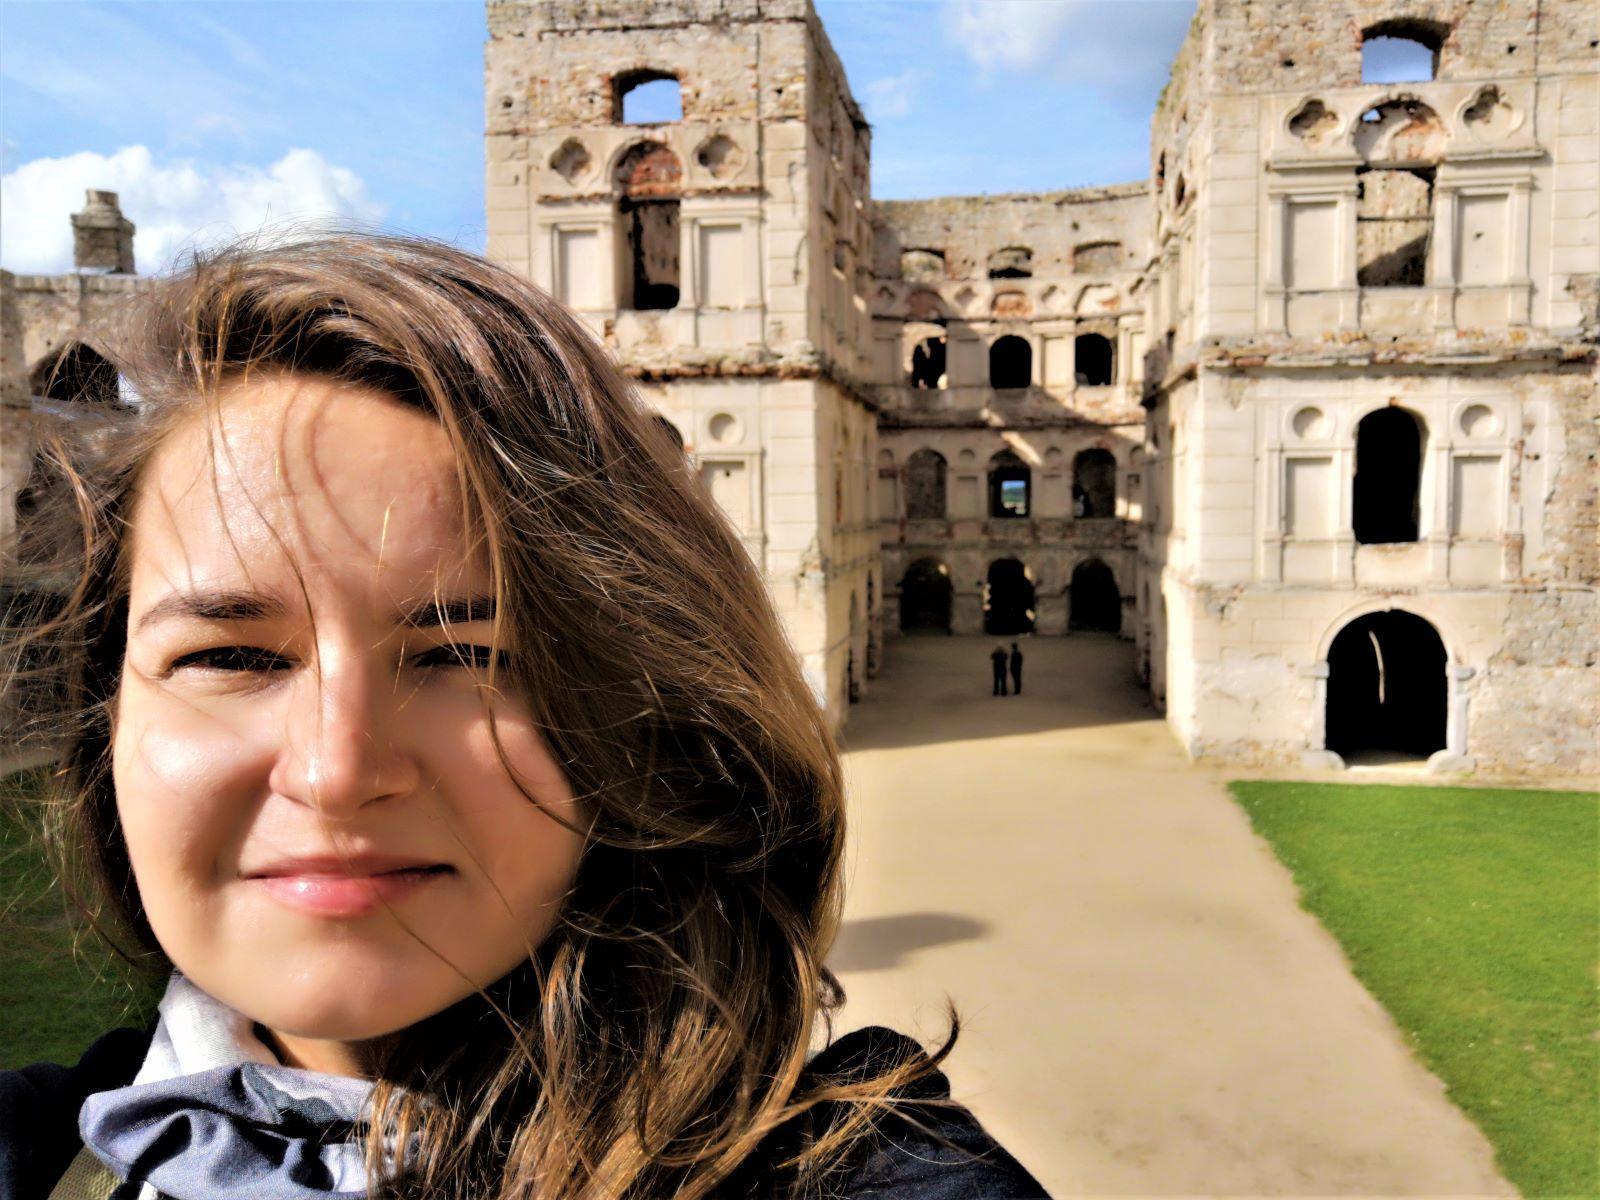 jedz w polske zamek krzyztopor ujazd